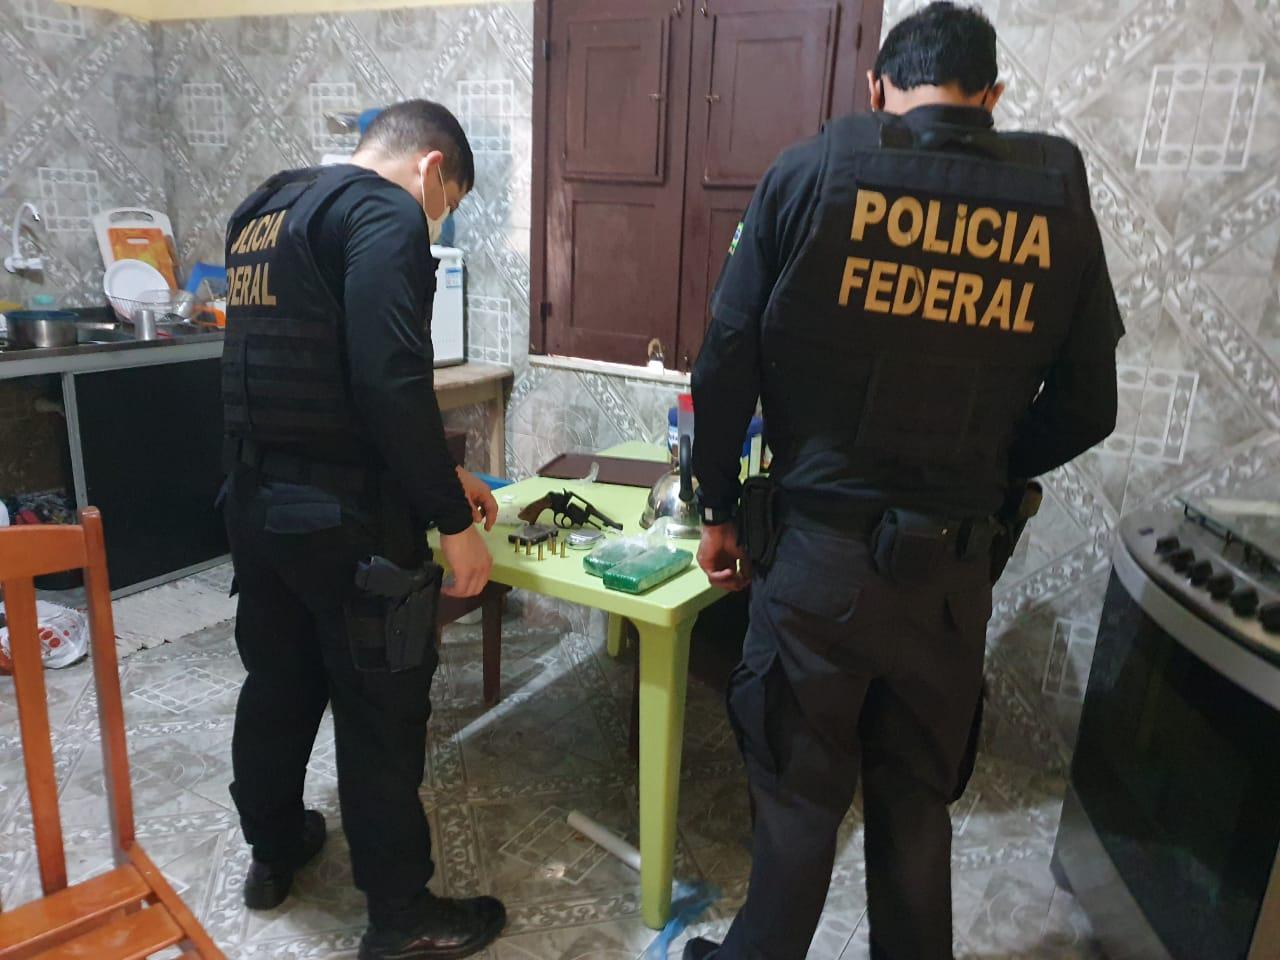 Policiais encontram drogas, armas e munições durante a operação